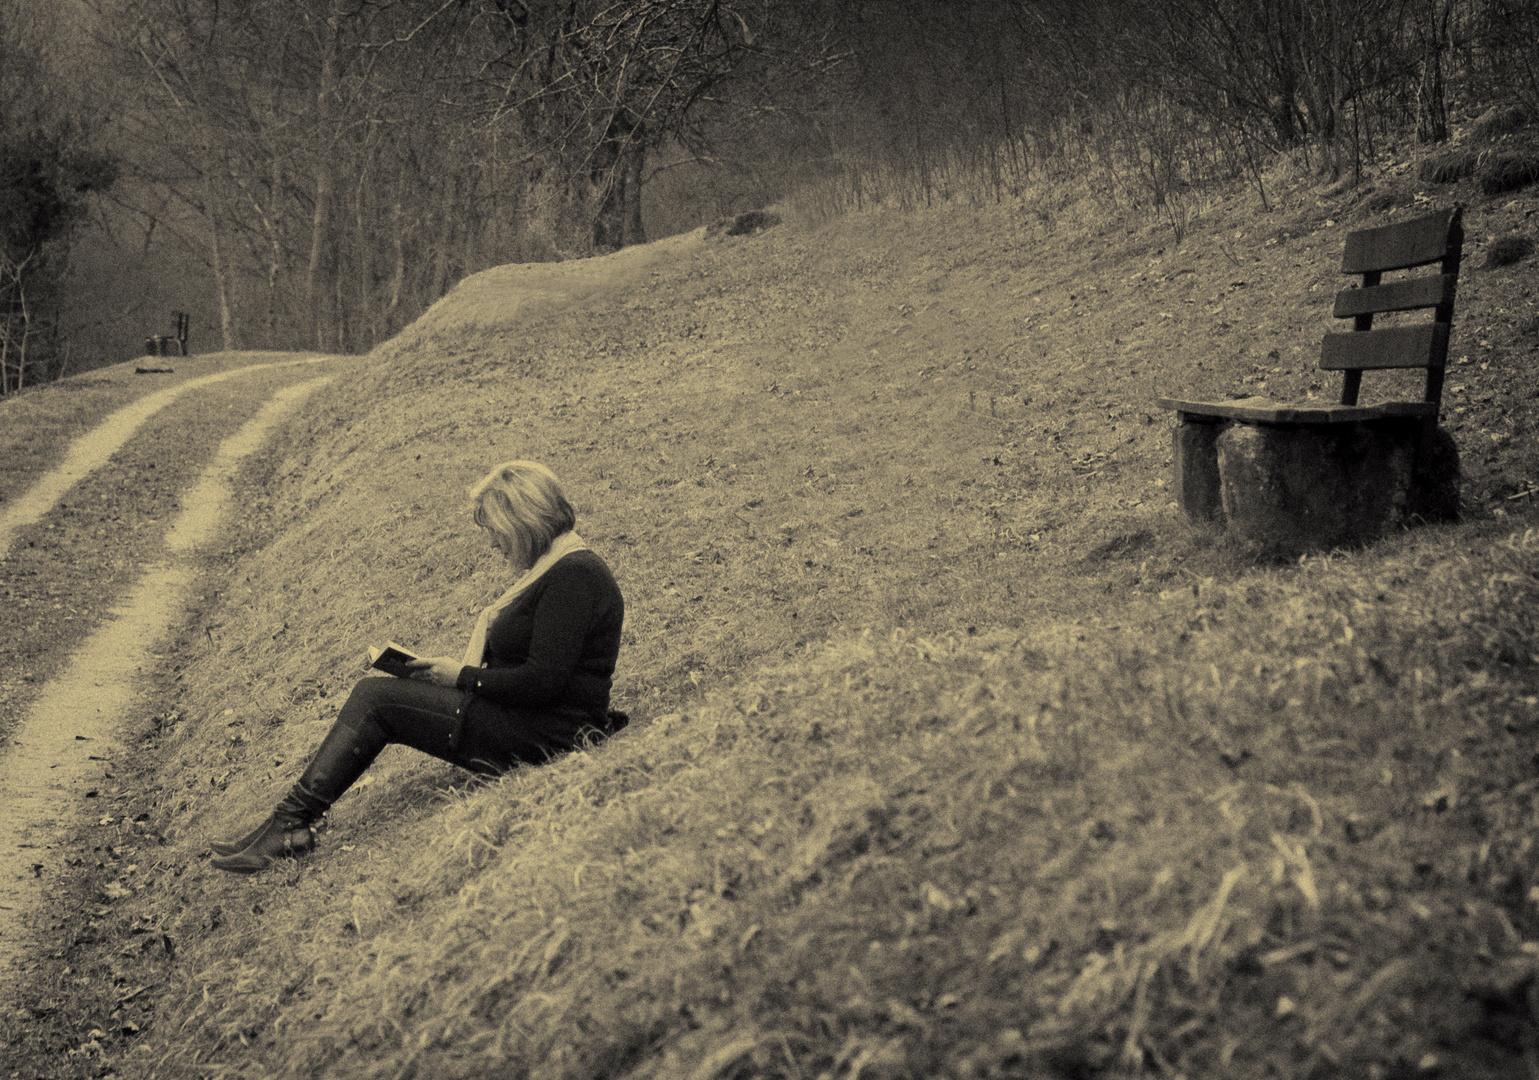 Solitude d'un banc - Einsamkeit einer Bank